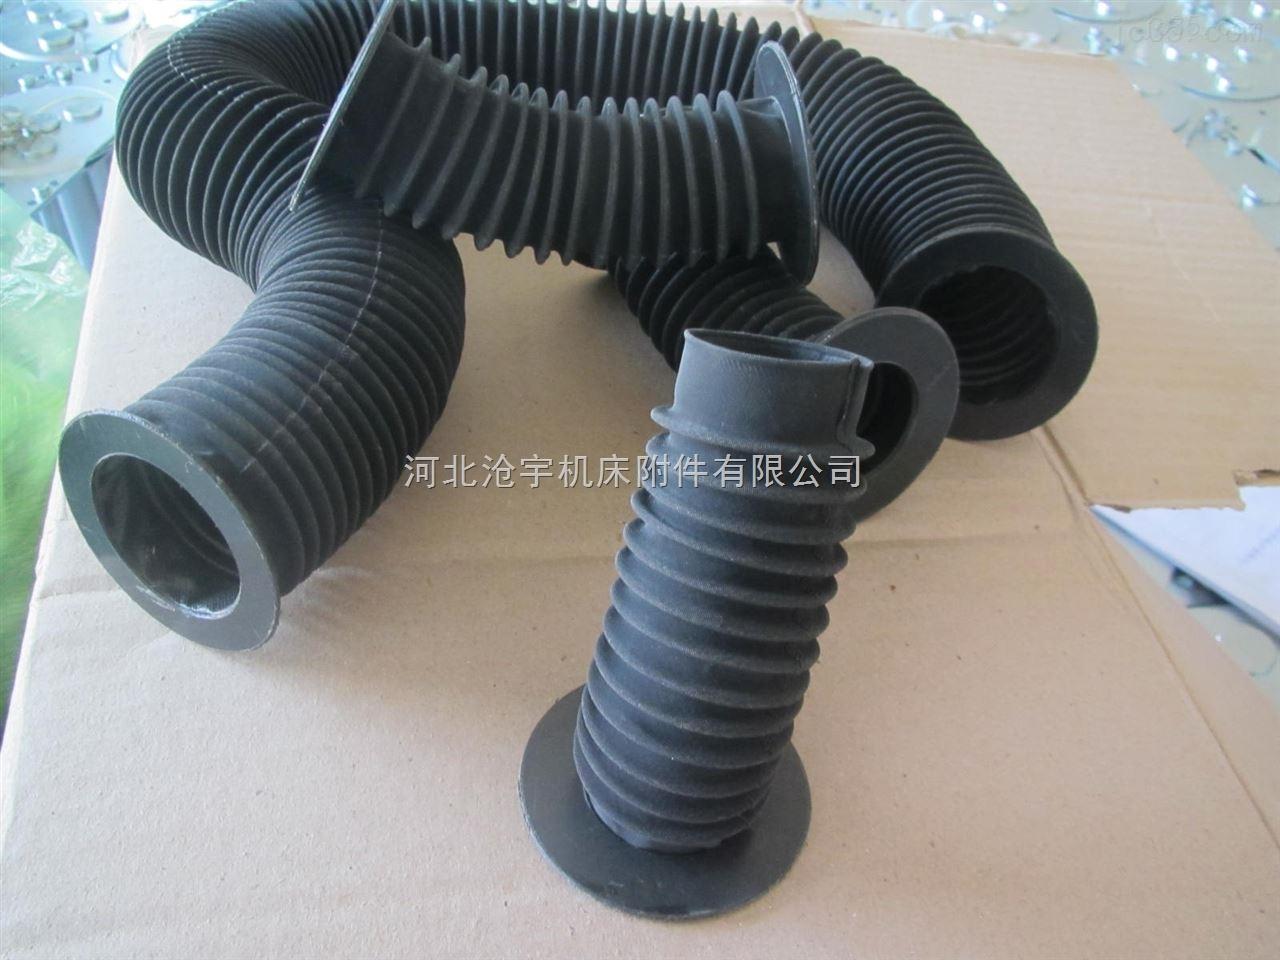 耐磨损增强型防护罩 伸缩丝杠防护罩专业加工